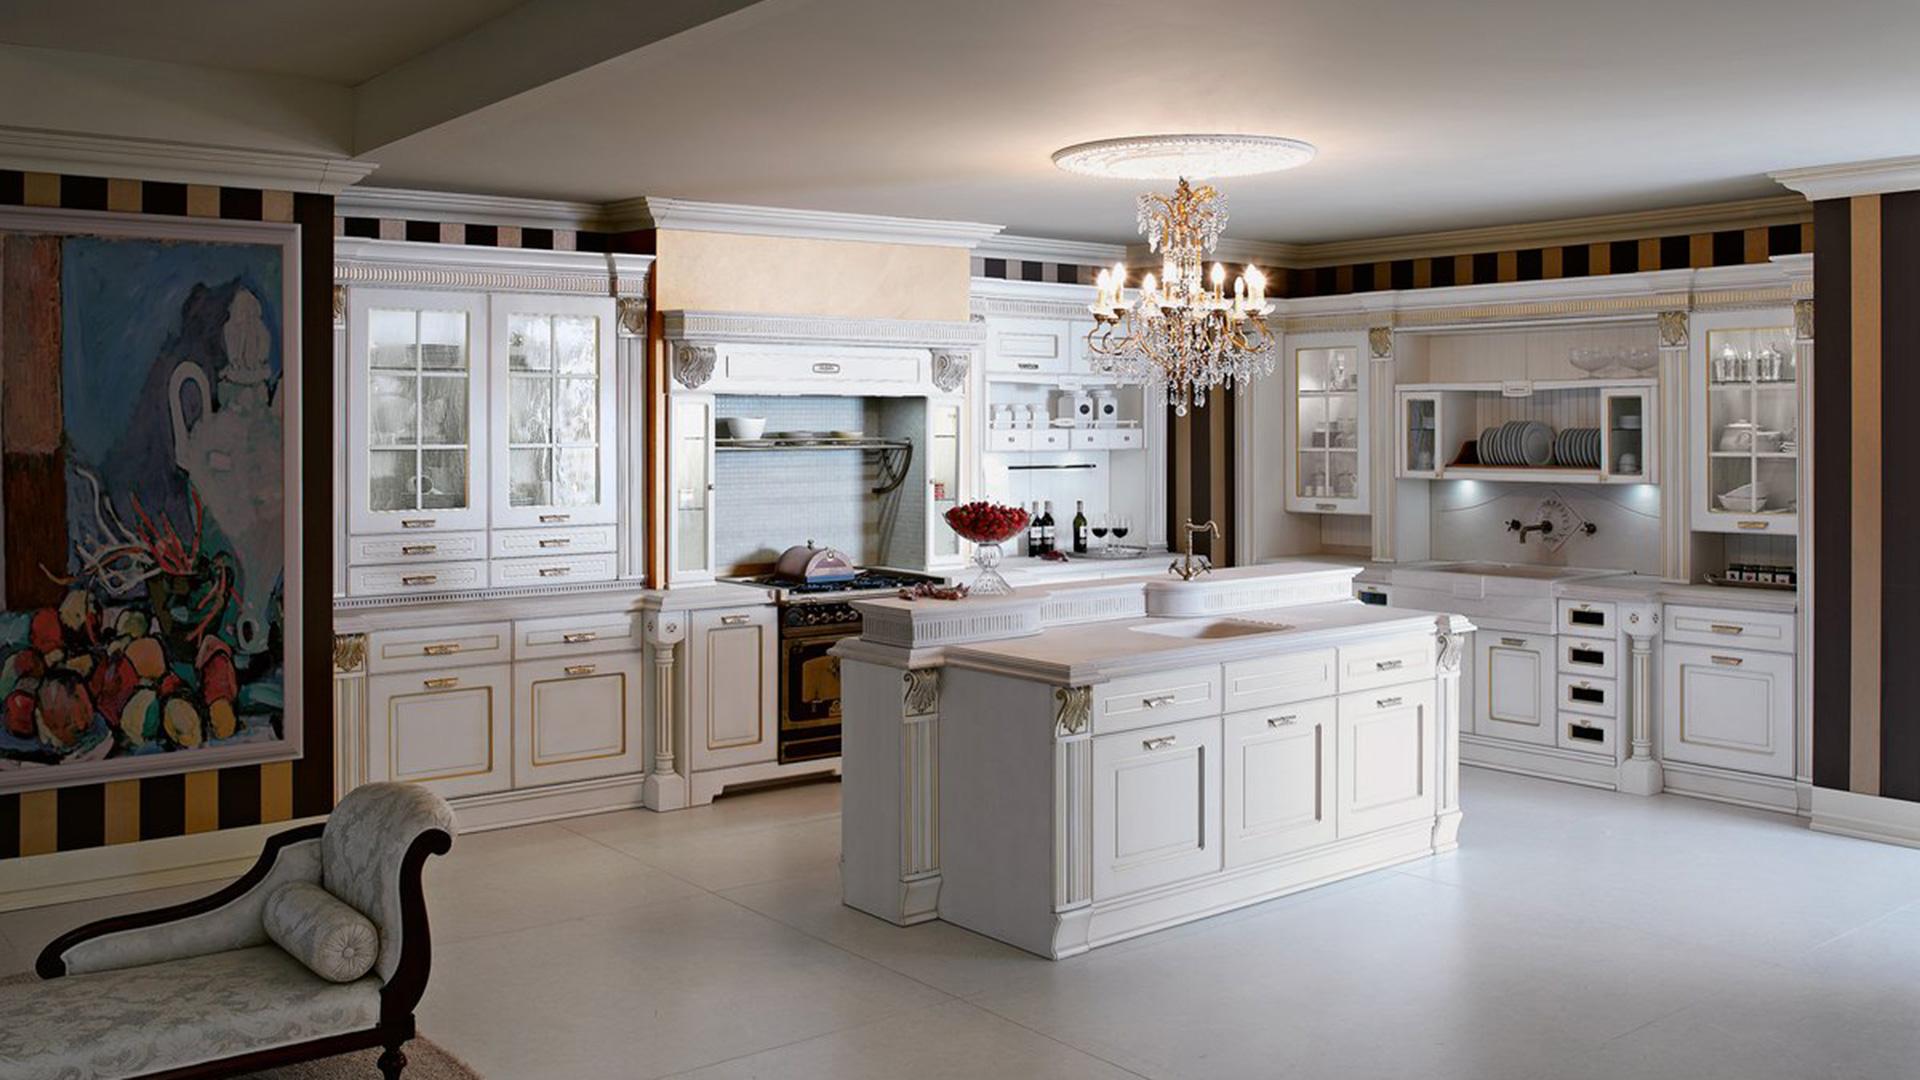 Arredamenti e idee per la casa arredamenti e forniture for Ambiente arredamenti